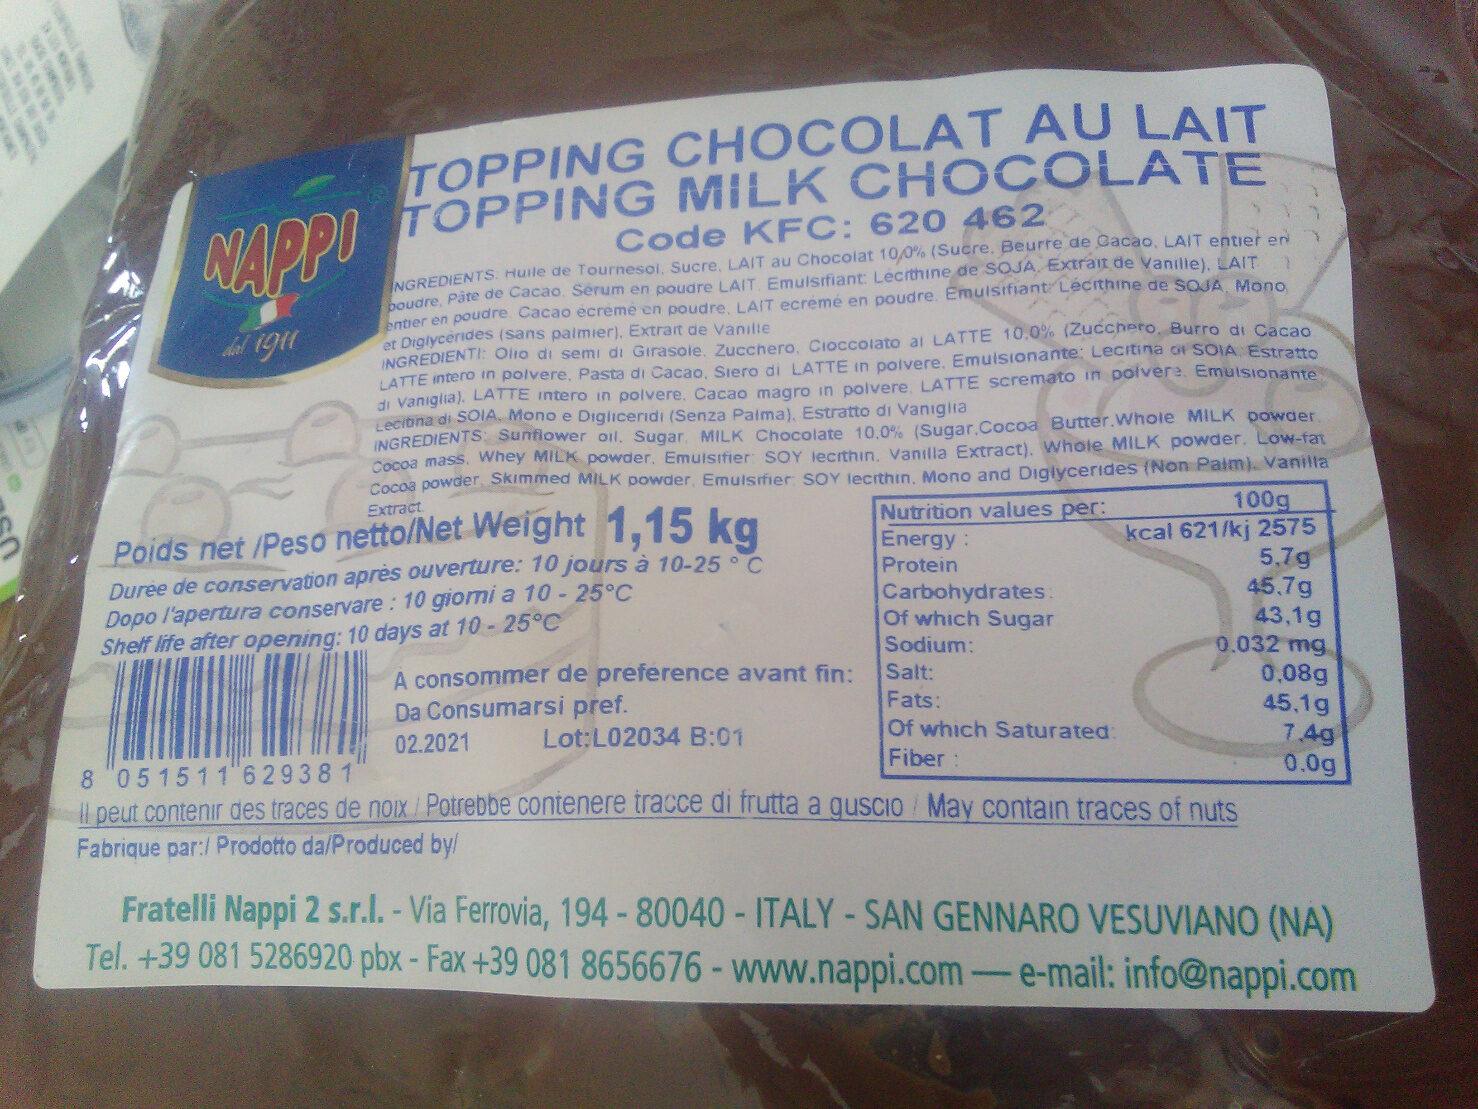 Topping Chocolat au lait - KFC - Product - fr